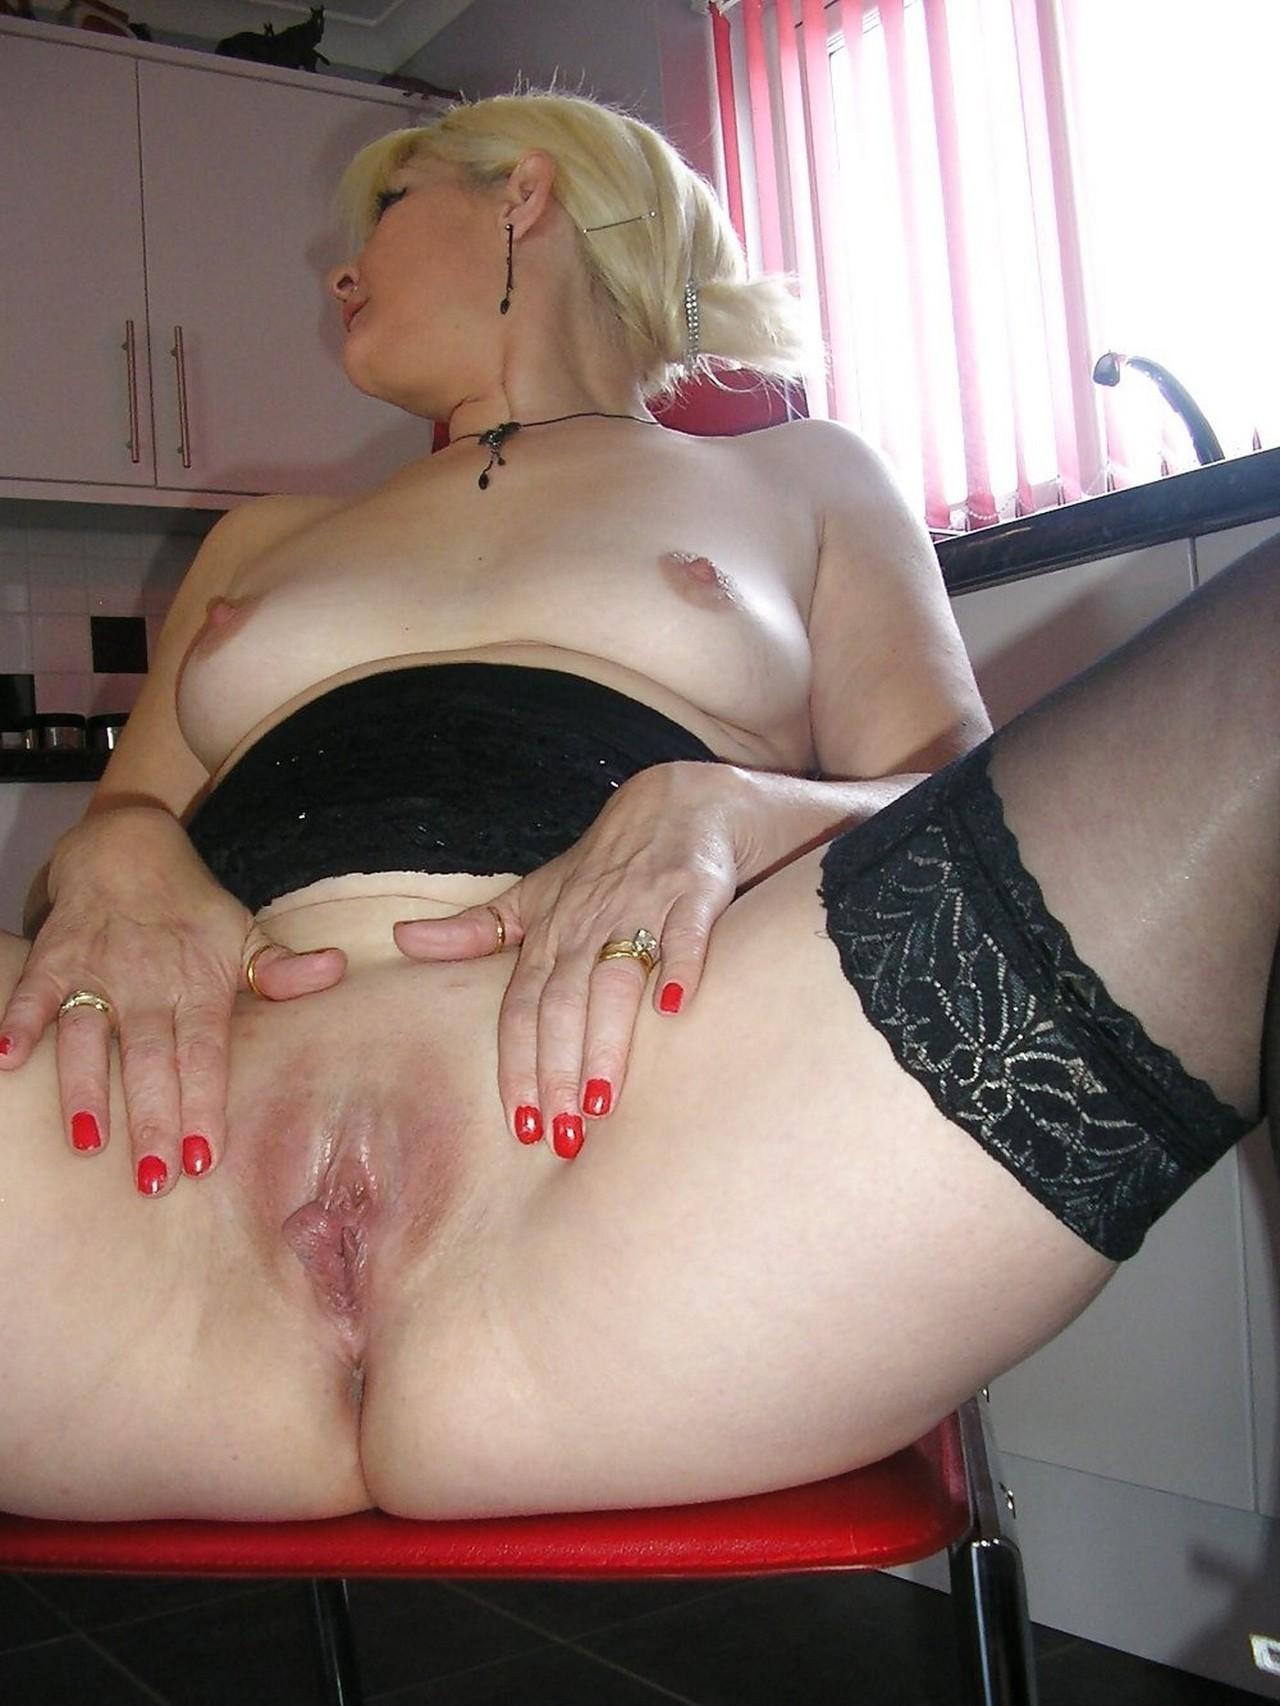 зрелые сочные женщины фото порно конечно